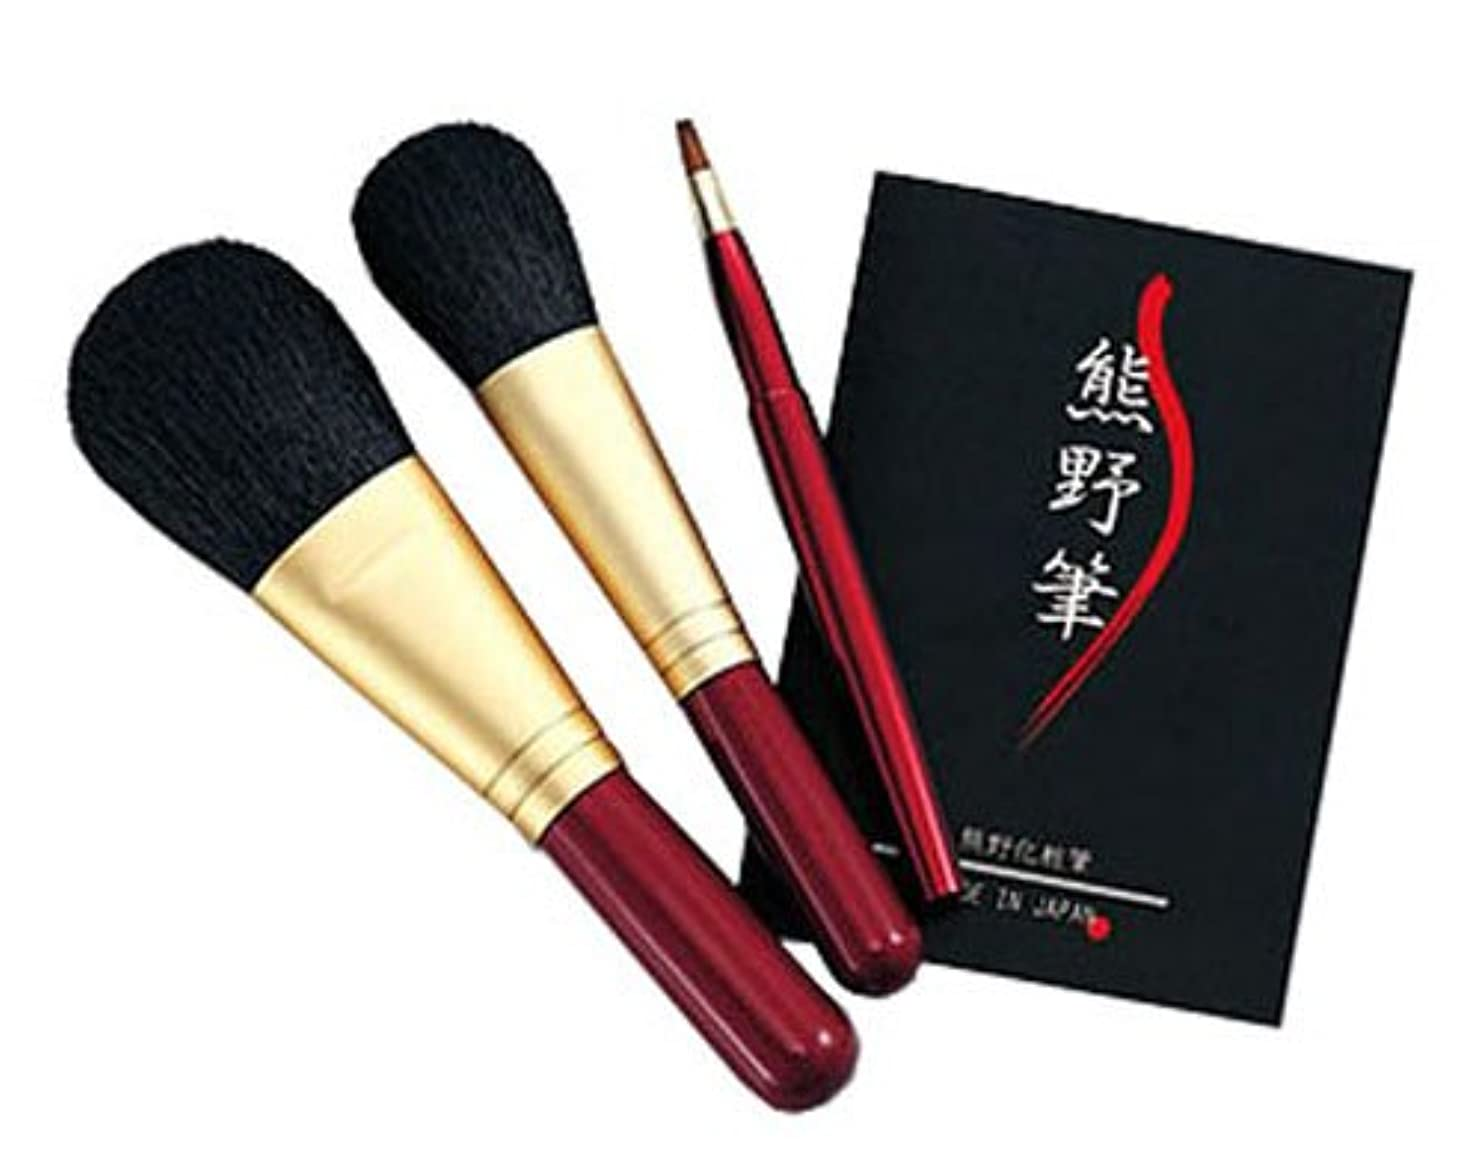 リゾートナビゲーション望み熊野筆 化粧筆セット 筆の心 KFi-80R